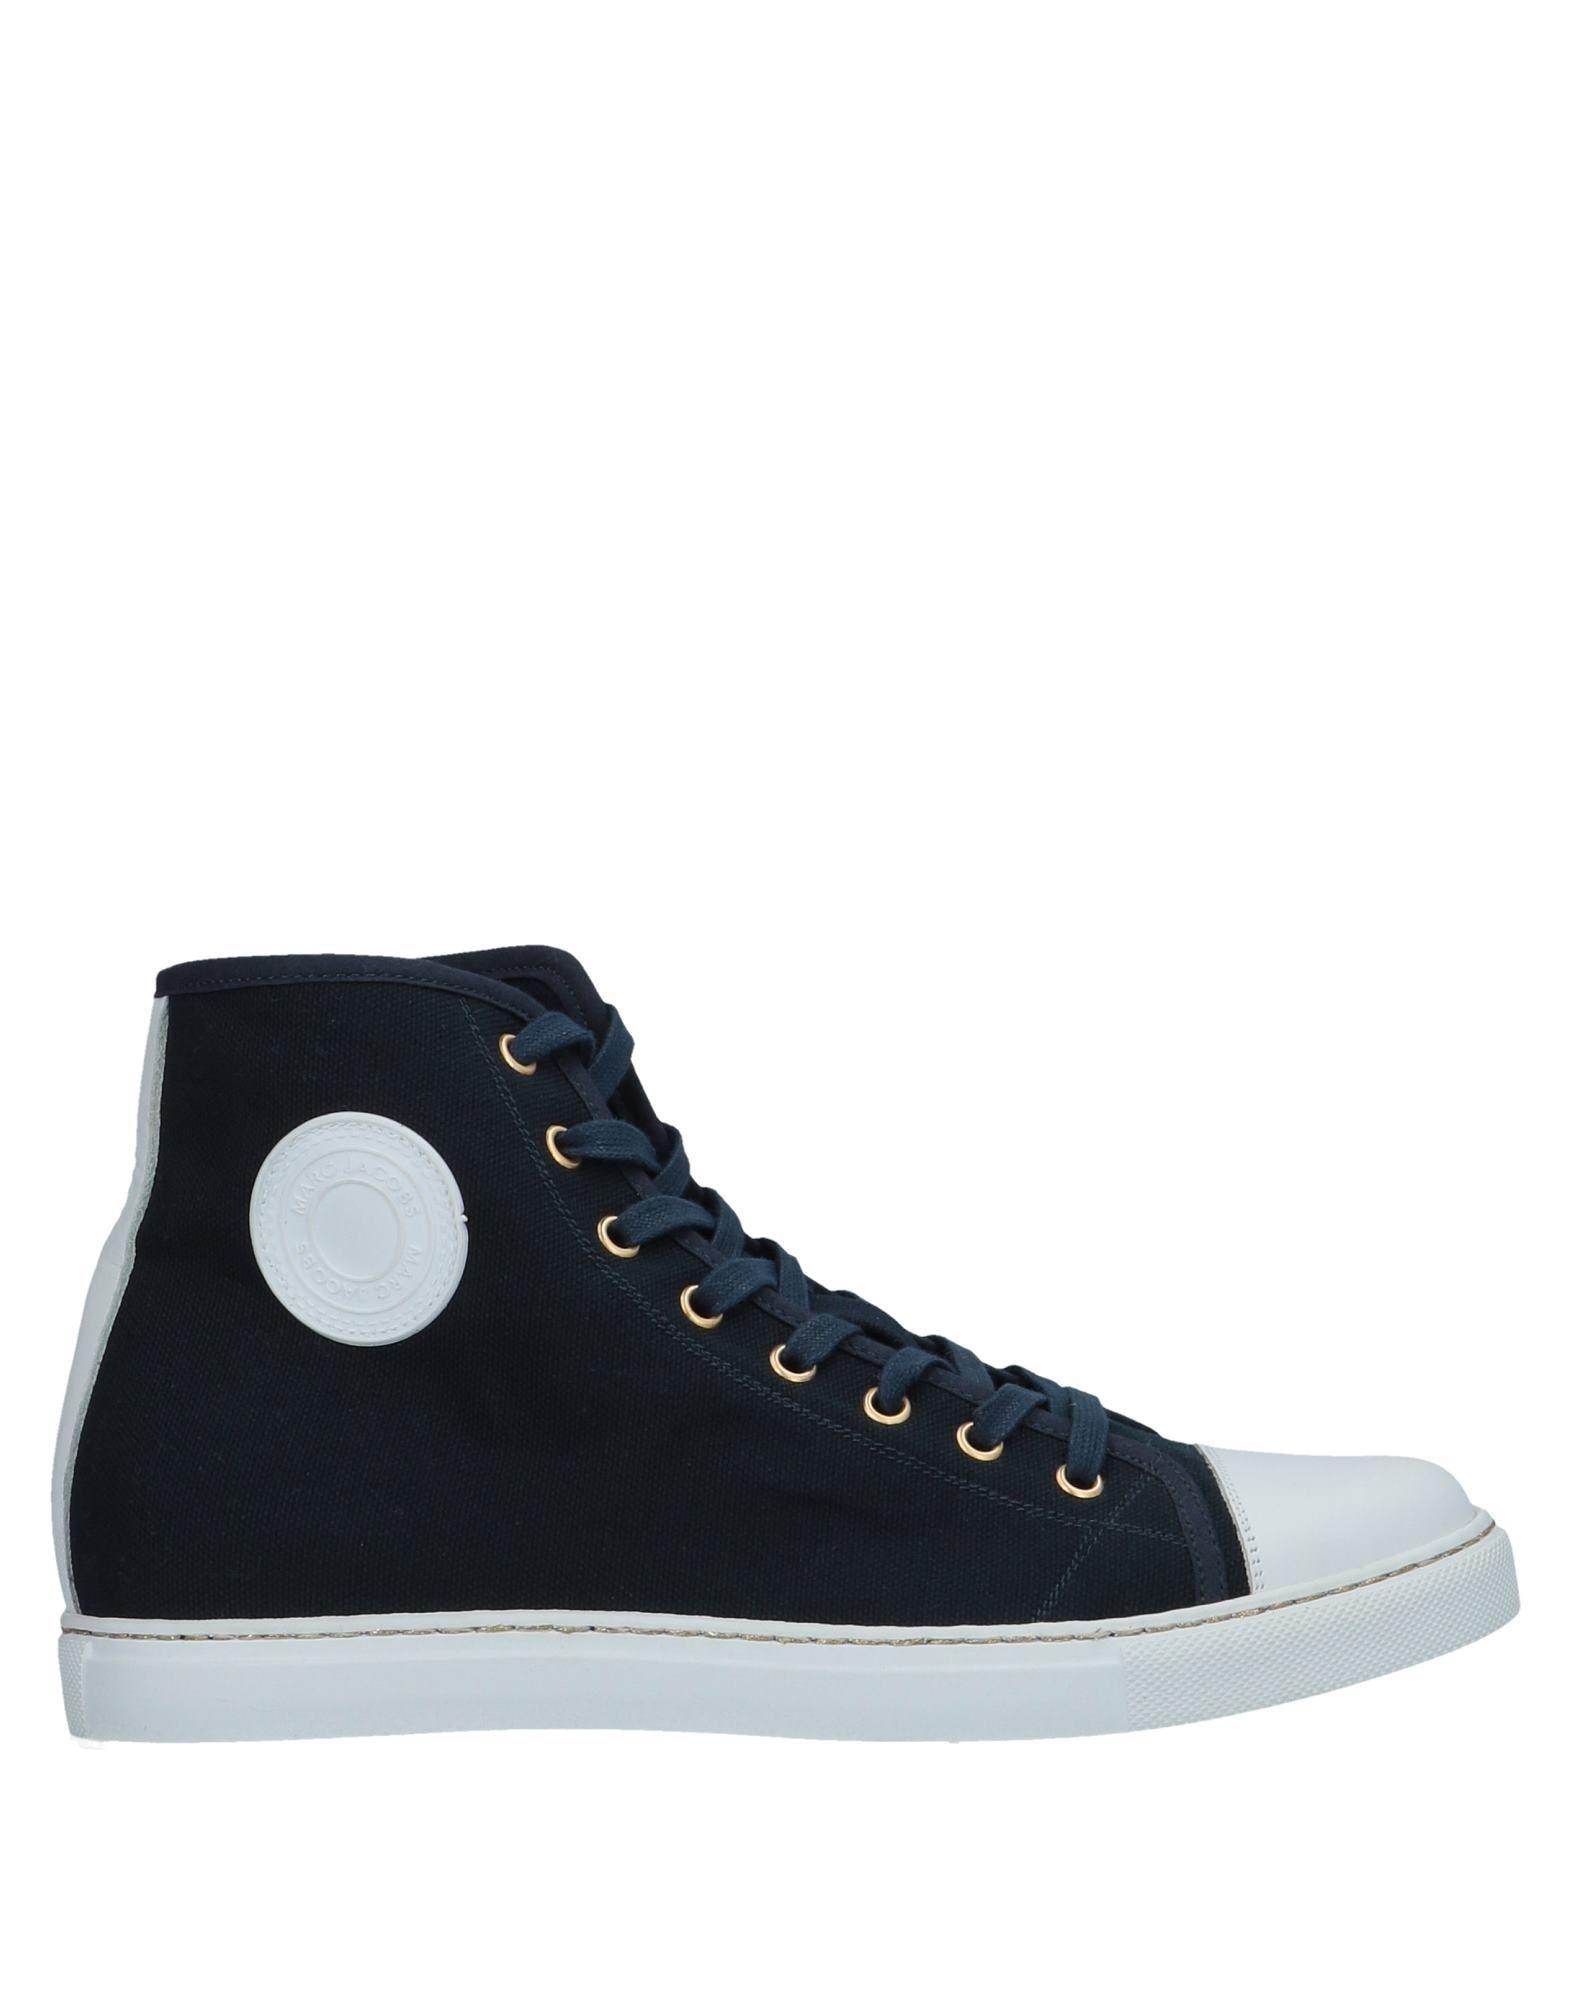 Marc Jacobs Sneakers Herren  11508459OH Gute Qualität beliebte Schuhe